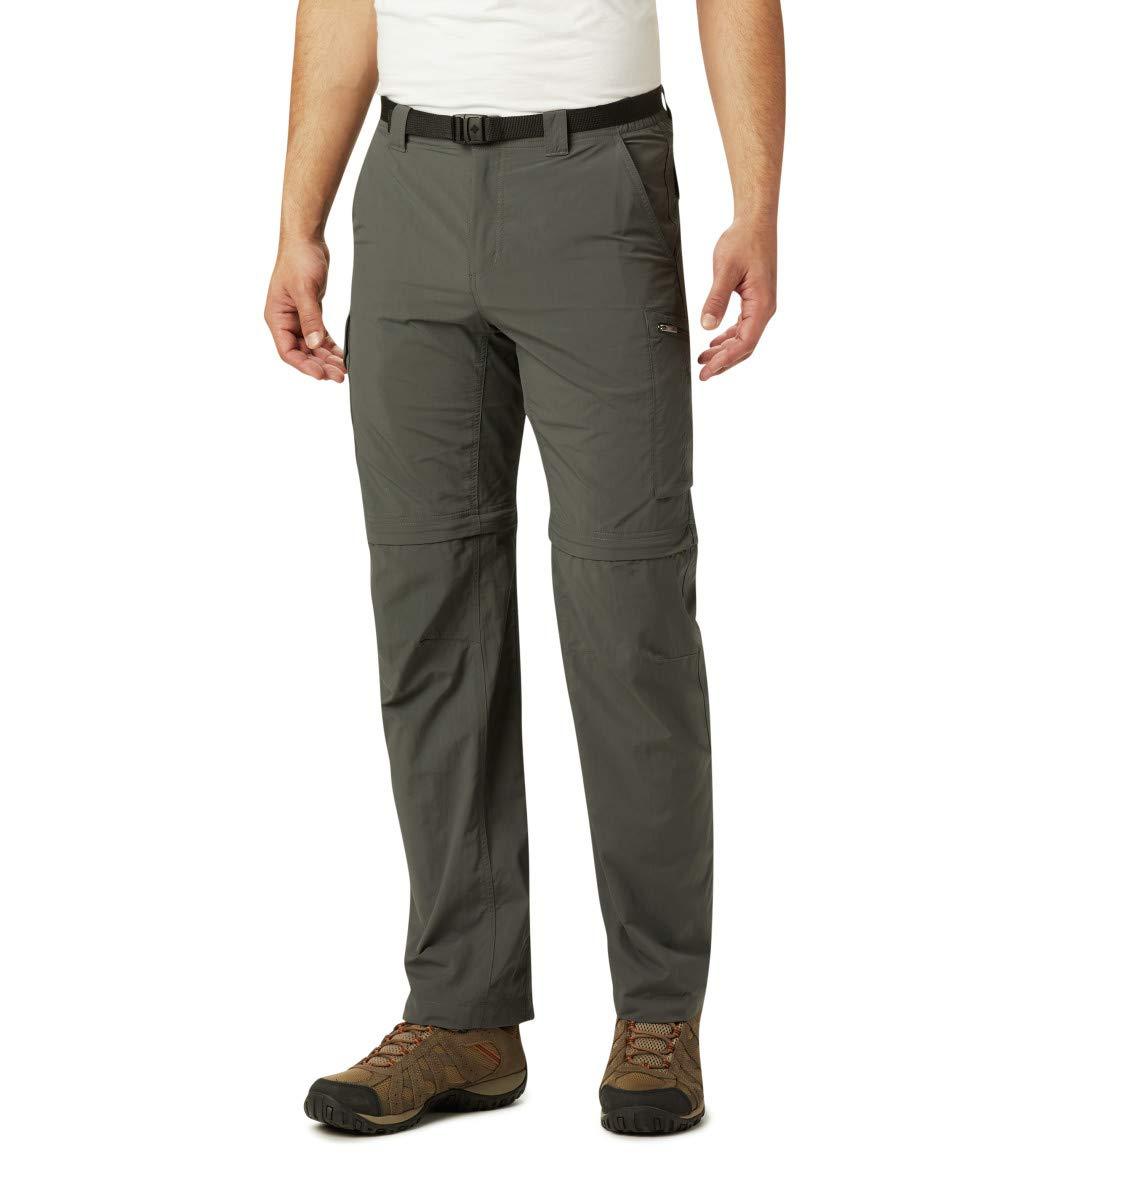 gris - Gravel  Columbia argent Ridge Convertible Pantalon Homme